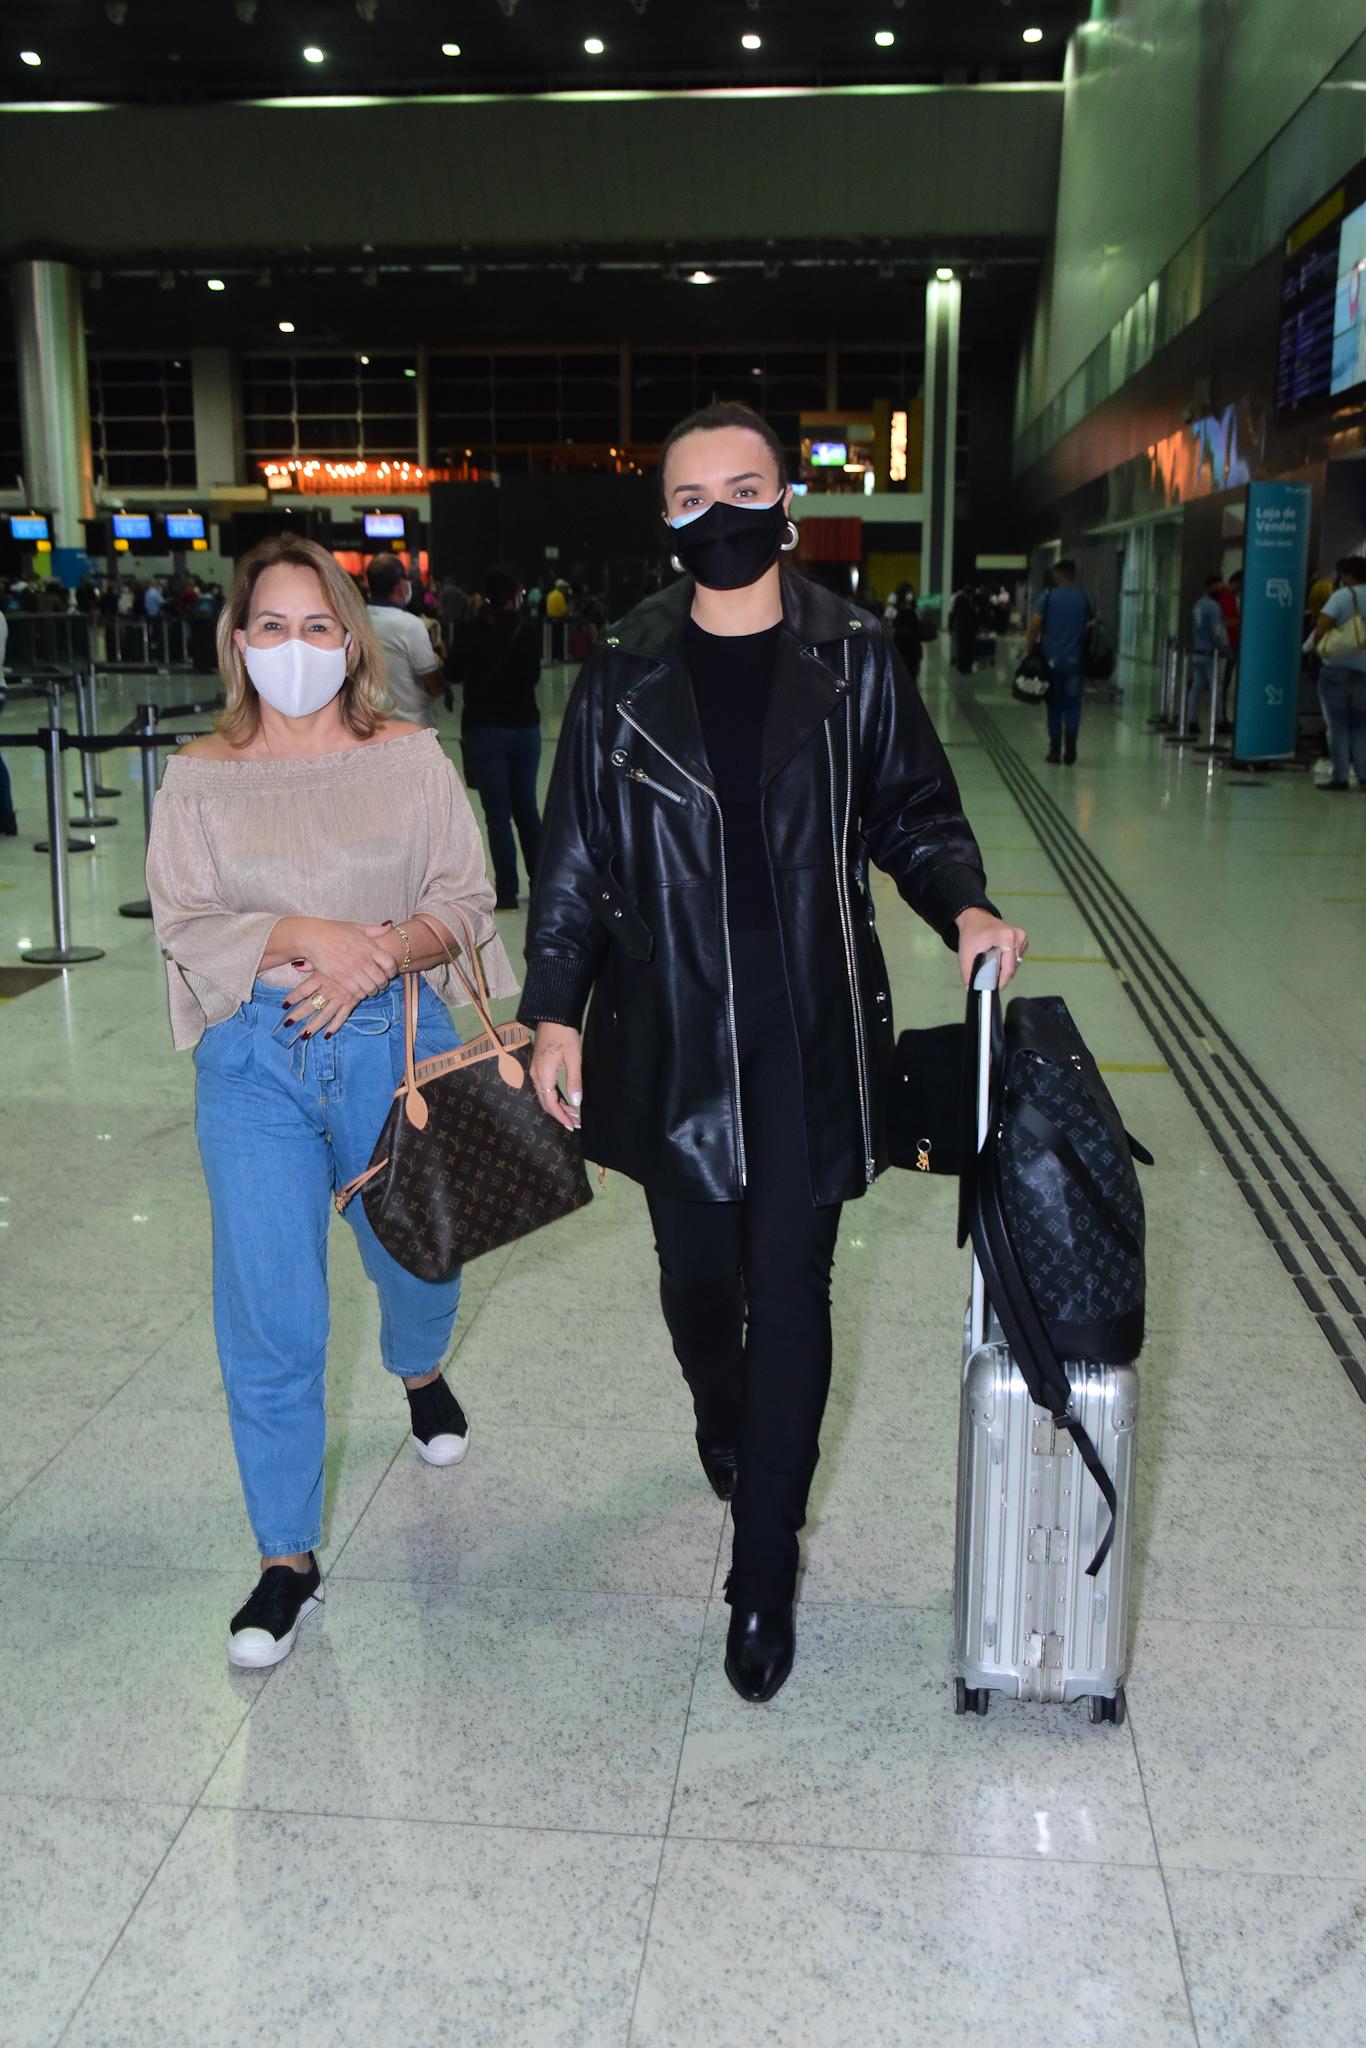 Rafa Kalimann se despede emocionada da mãe antes de embarcar para morar nos EUA